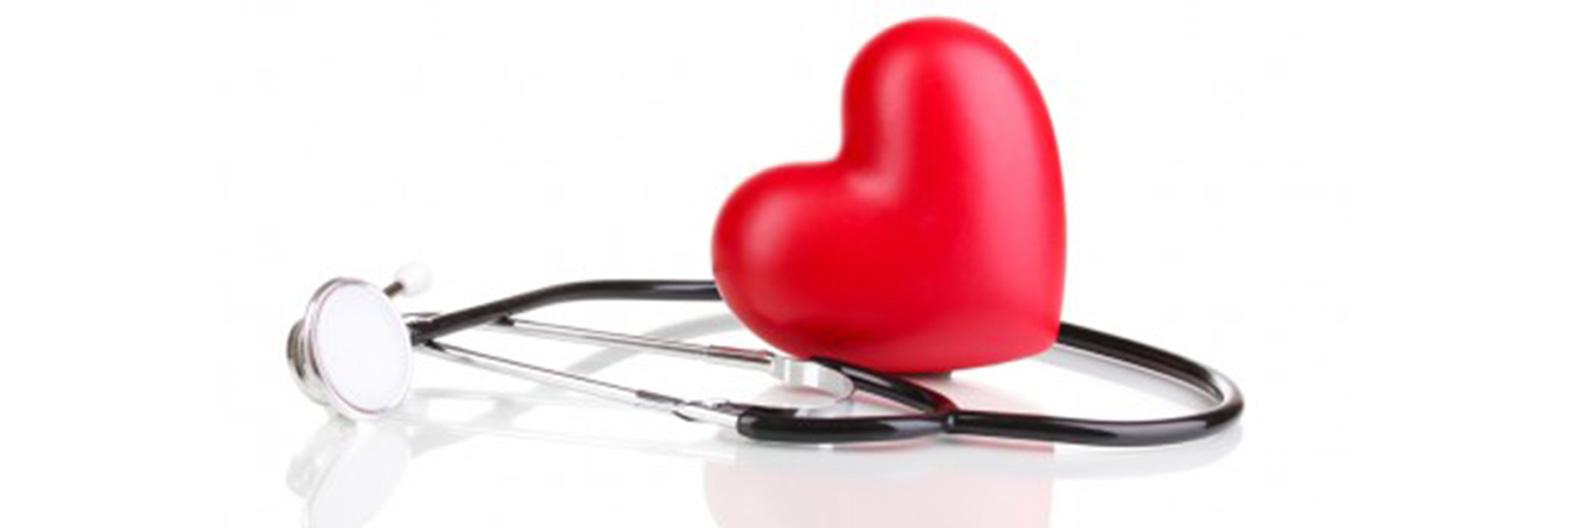 Kraujospūdžio matuoklis namuose - naudingas pagalbininkas